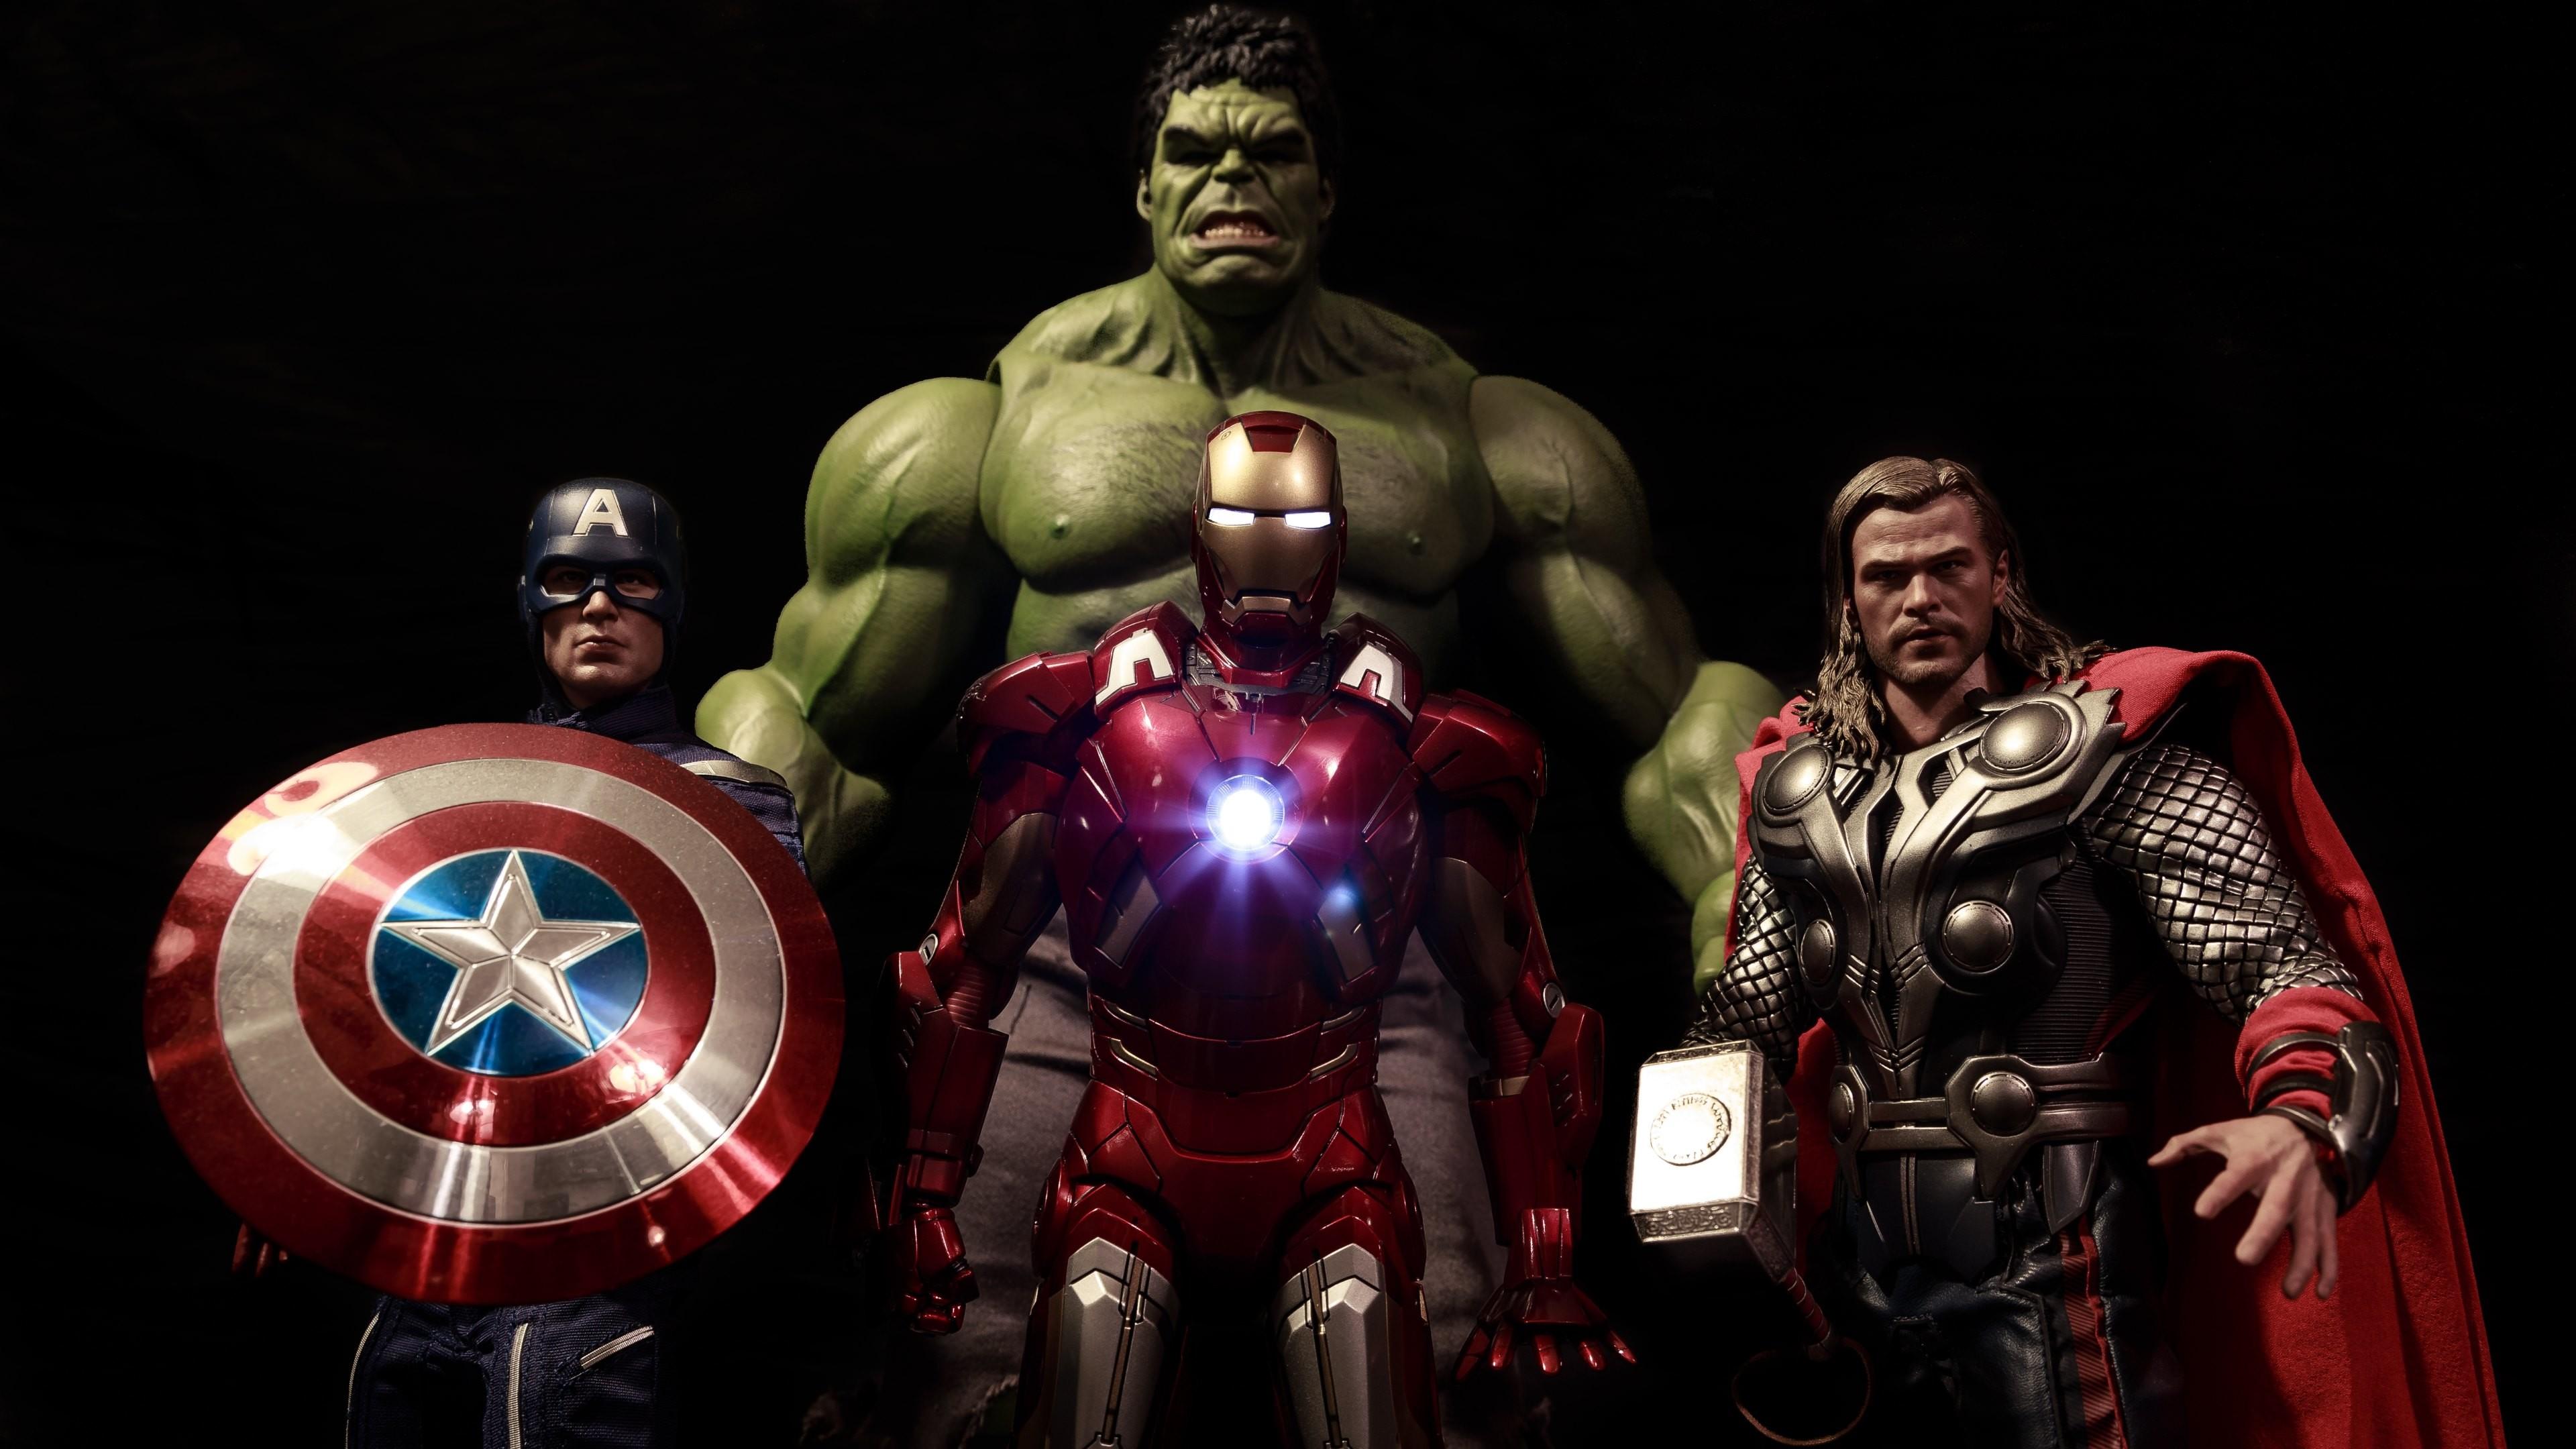 Avengers Wallpaper: Avengers 4K Wallpaper (53+ Images